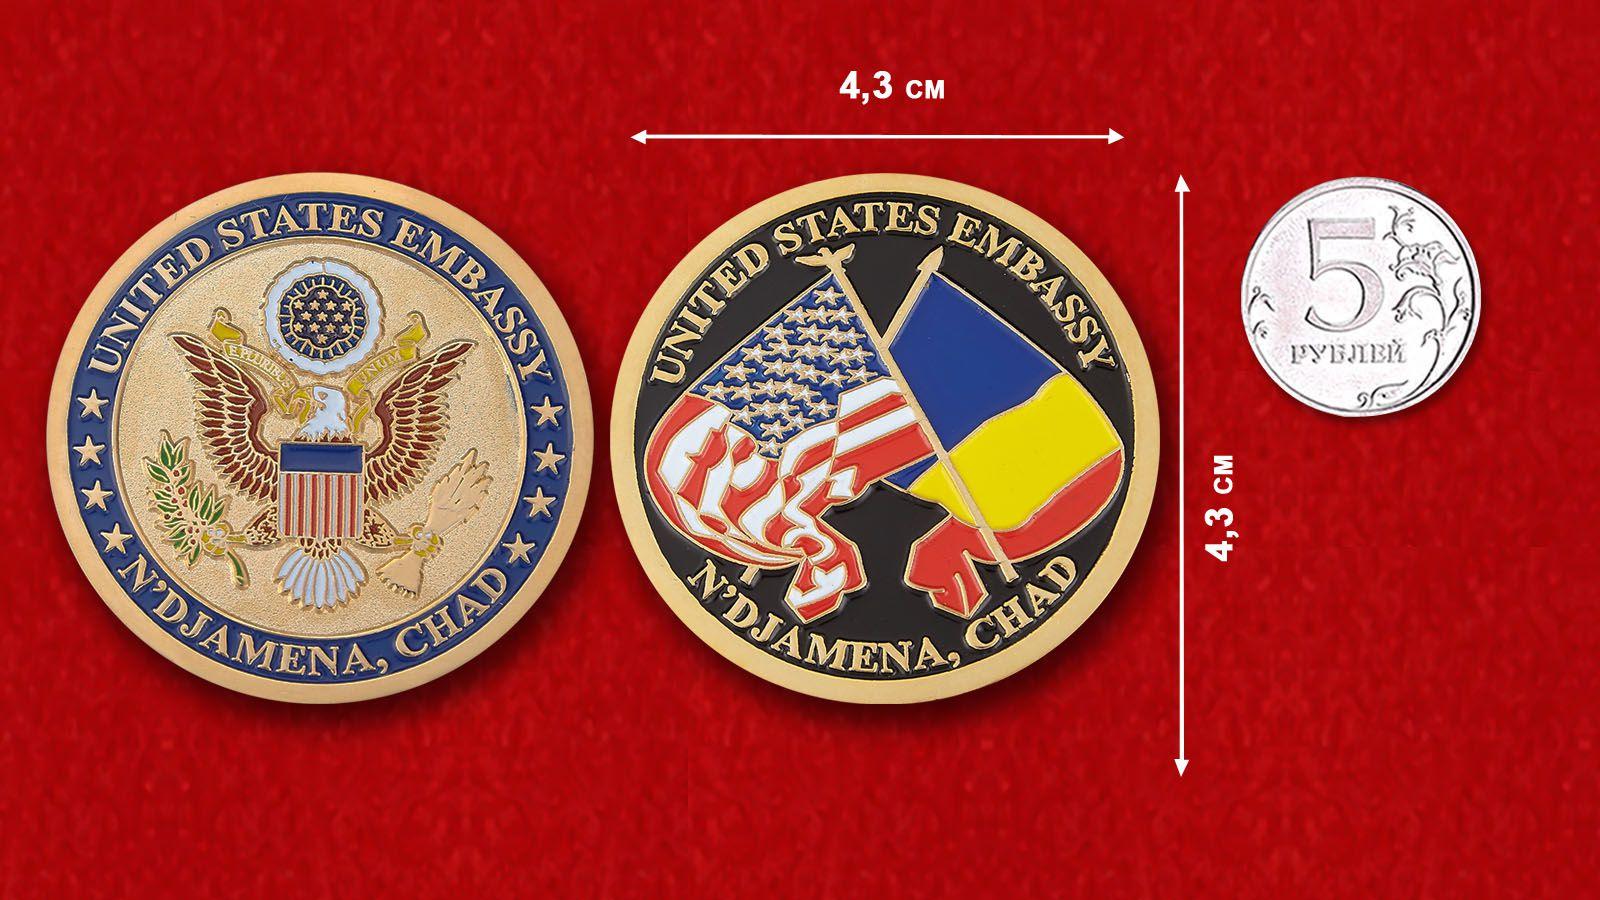 """Челлендж коин """"Посольство США в Нджамене"""" - сравнительный размер"""